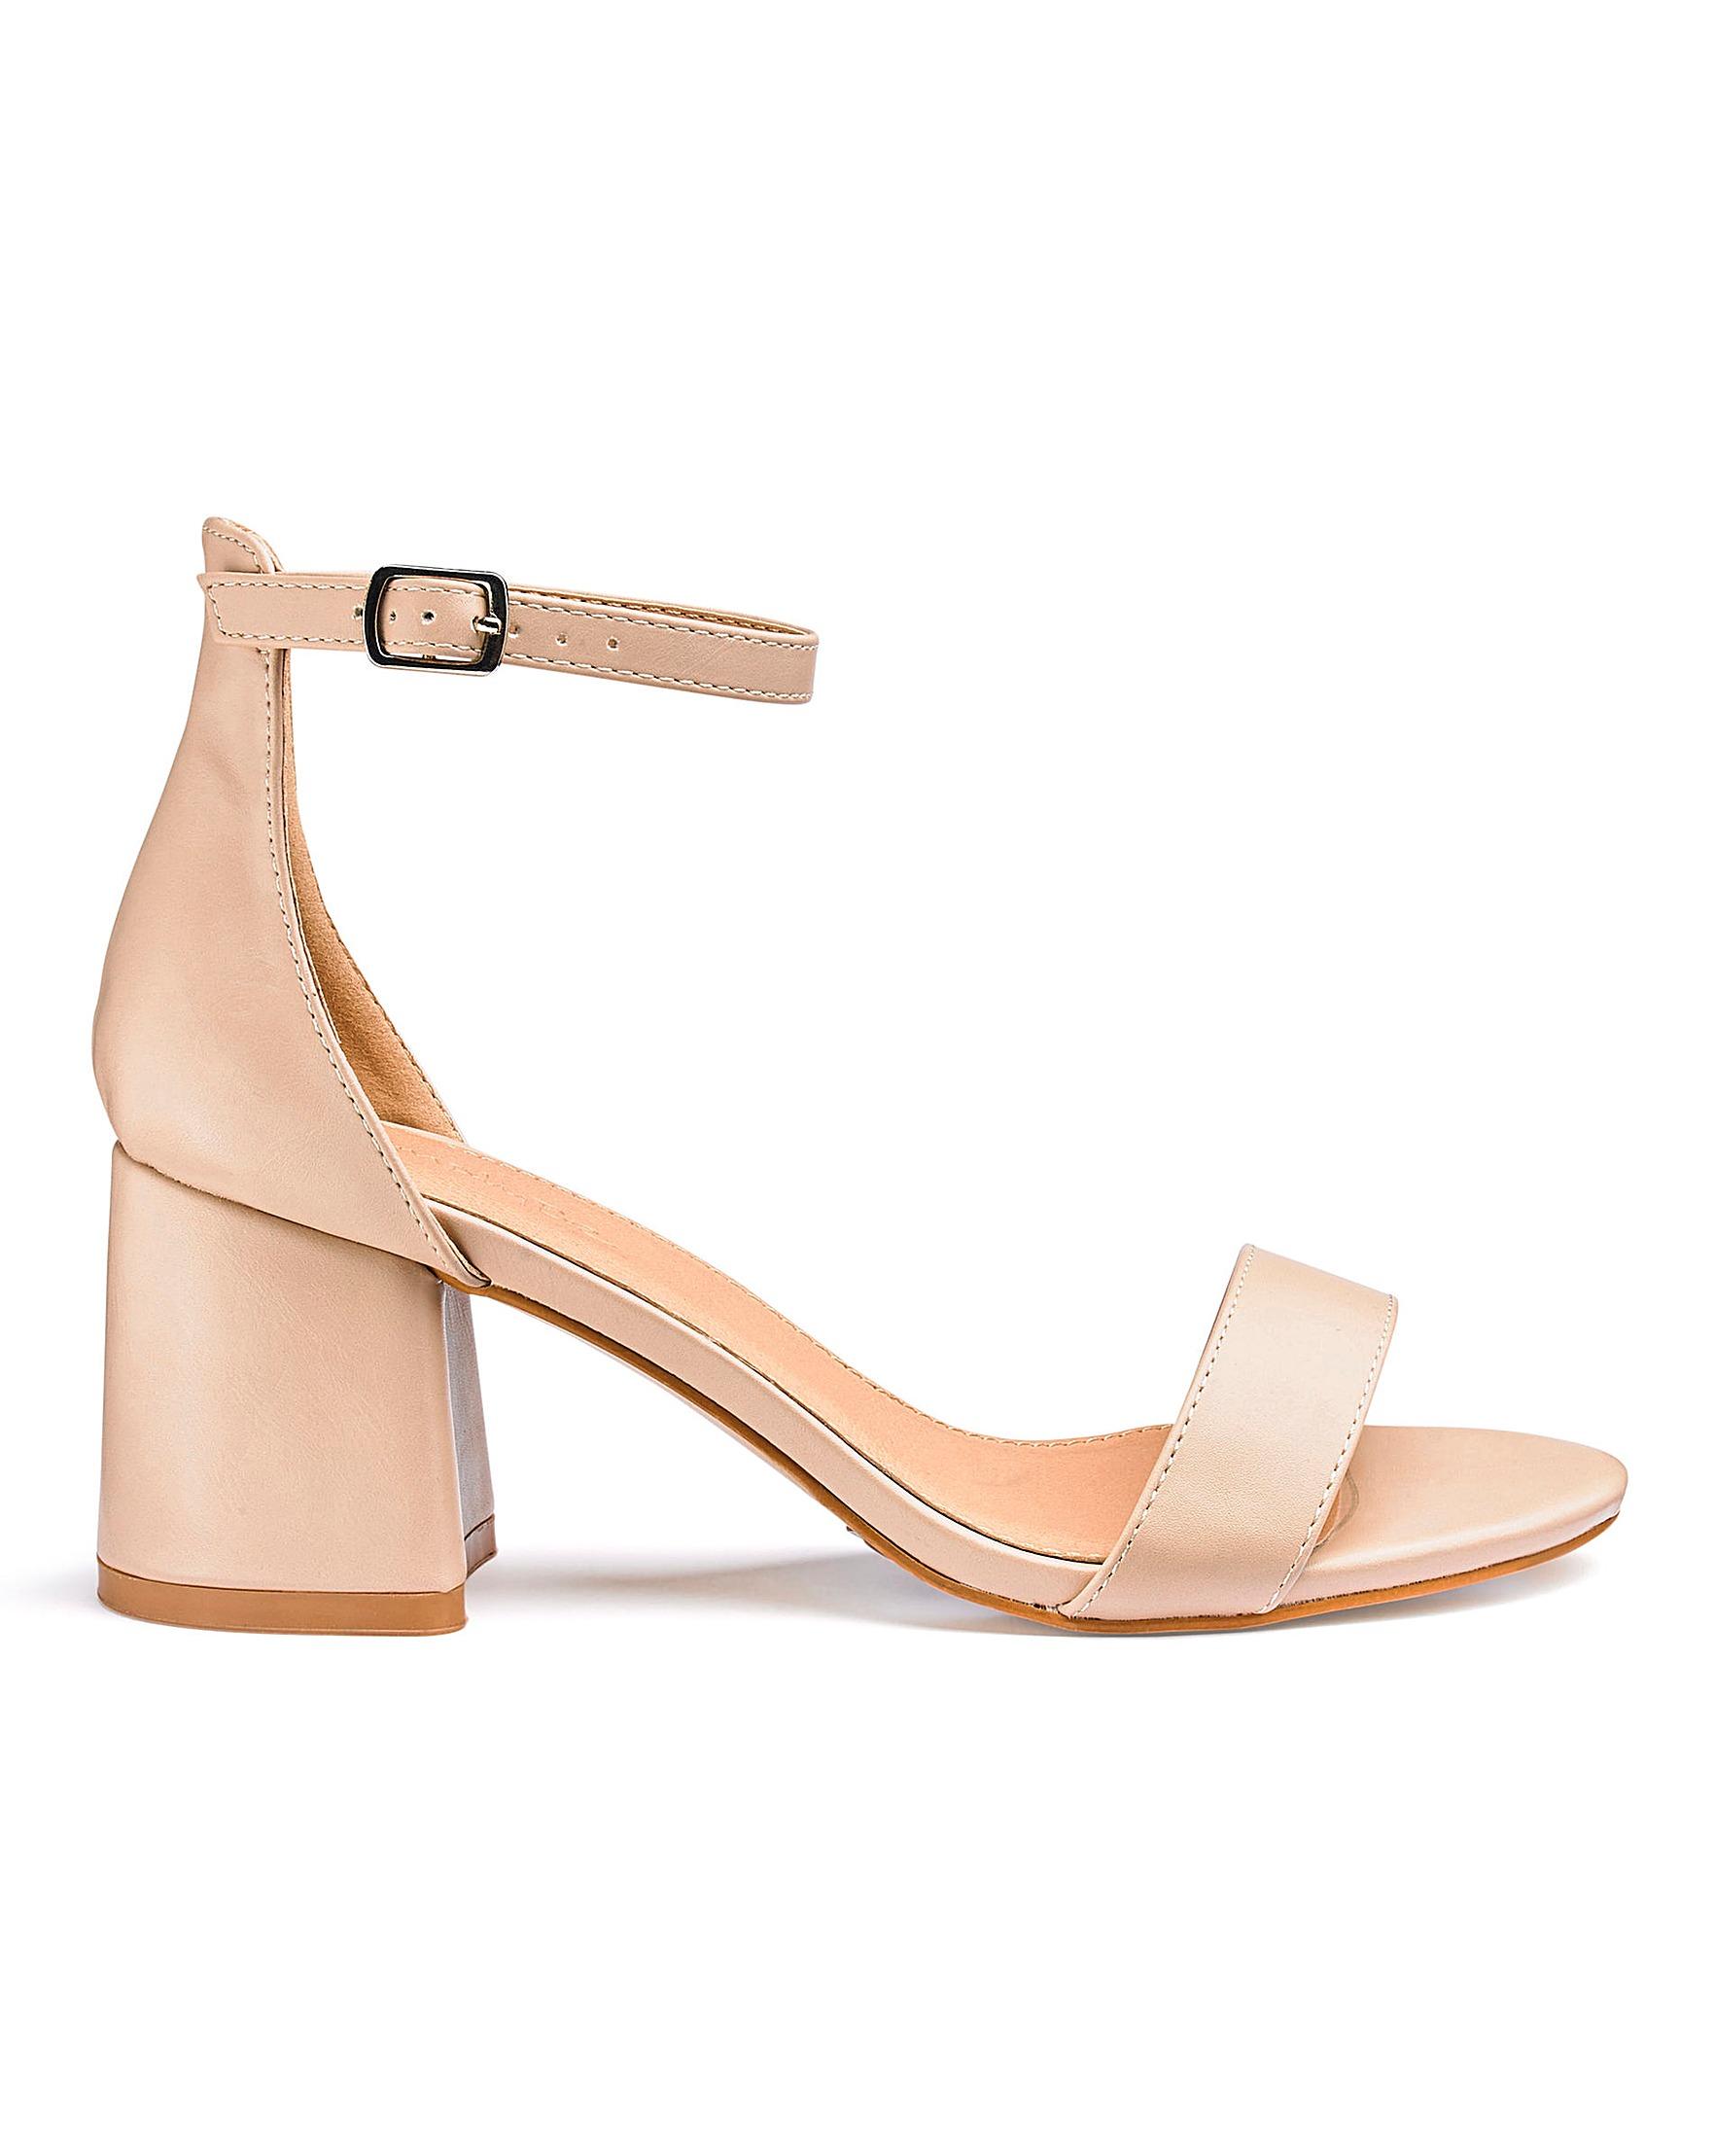 535da6d8933 Cammy Block Heels Extra Wide EEE Fit